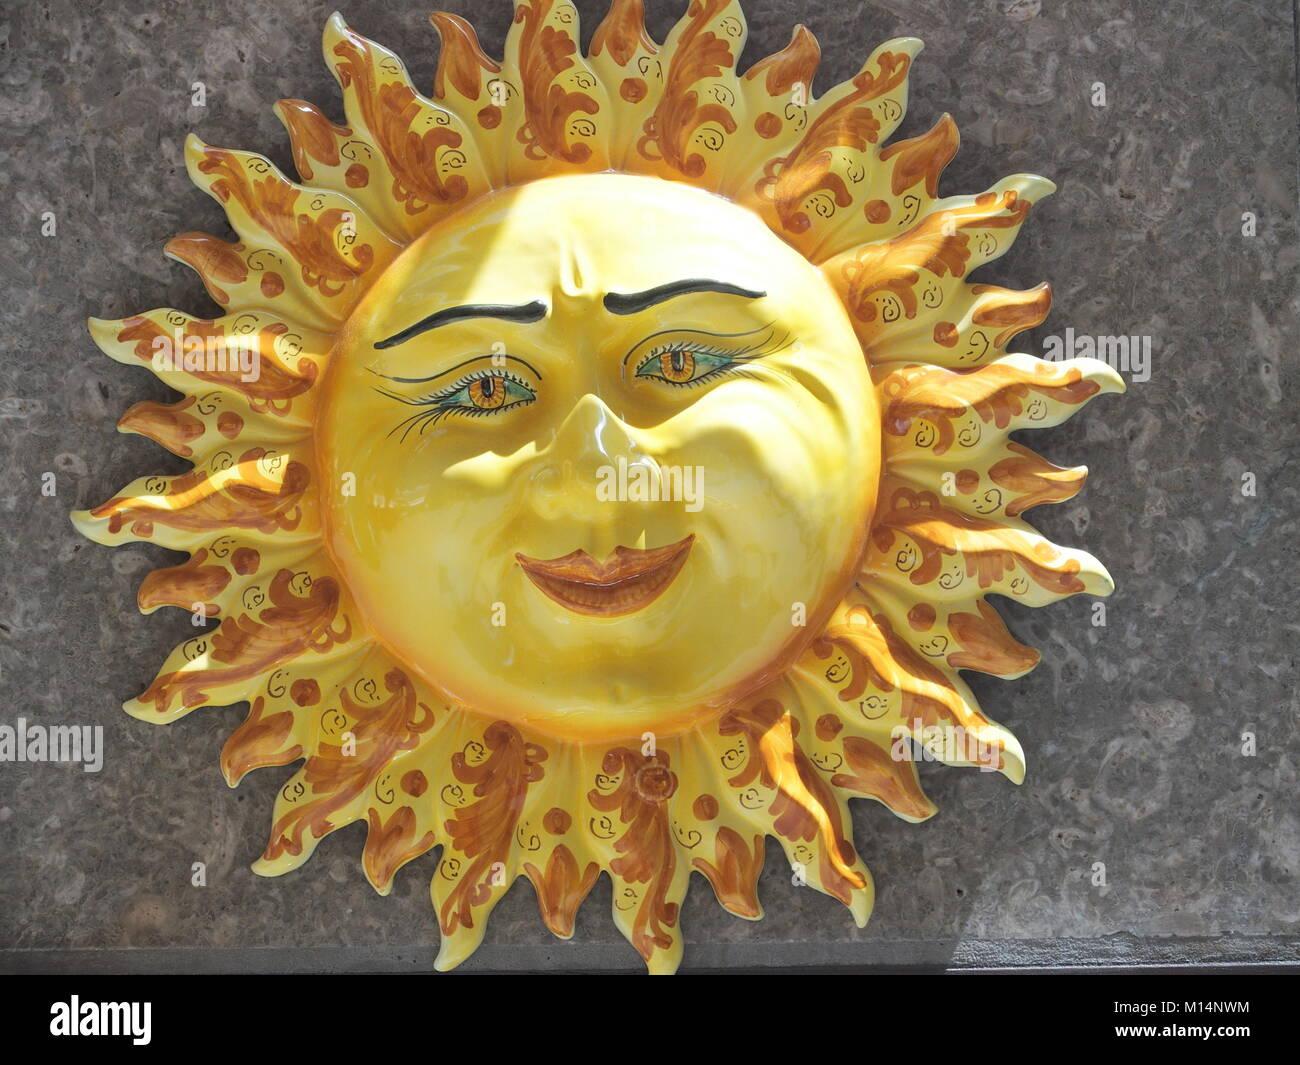 Sun Face Souvenir Stock Photos & Sun Face Souvenir Stock Images ...